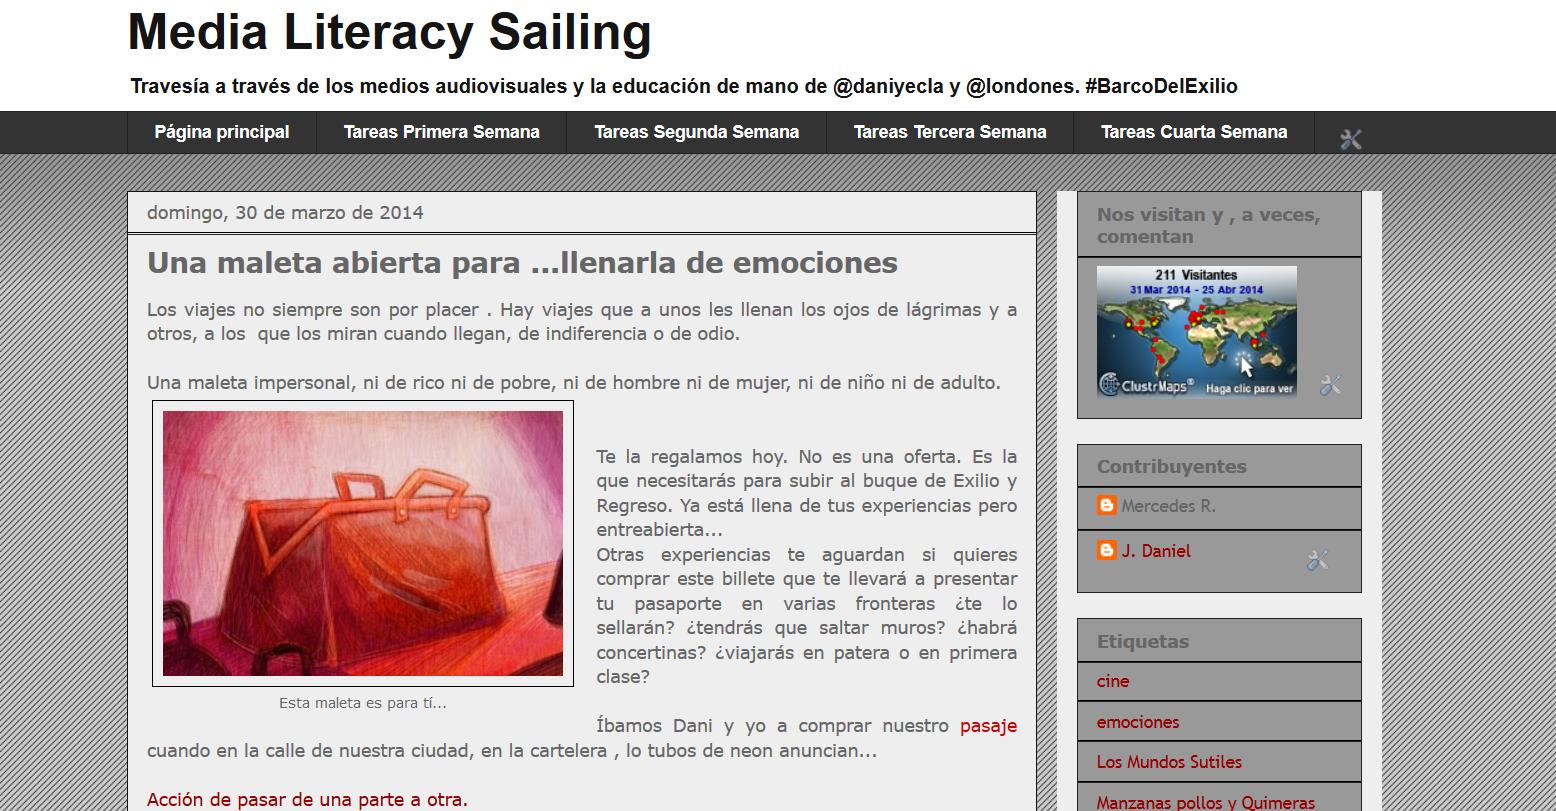 http://medialiteracyr.blogspot.com.es/